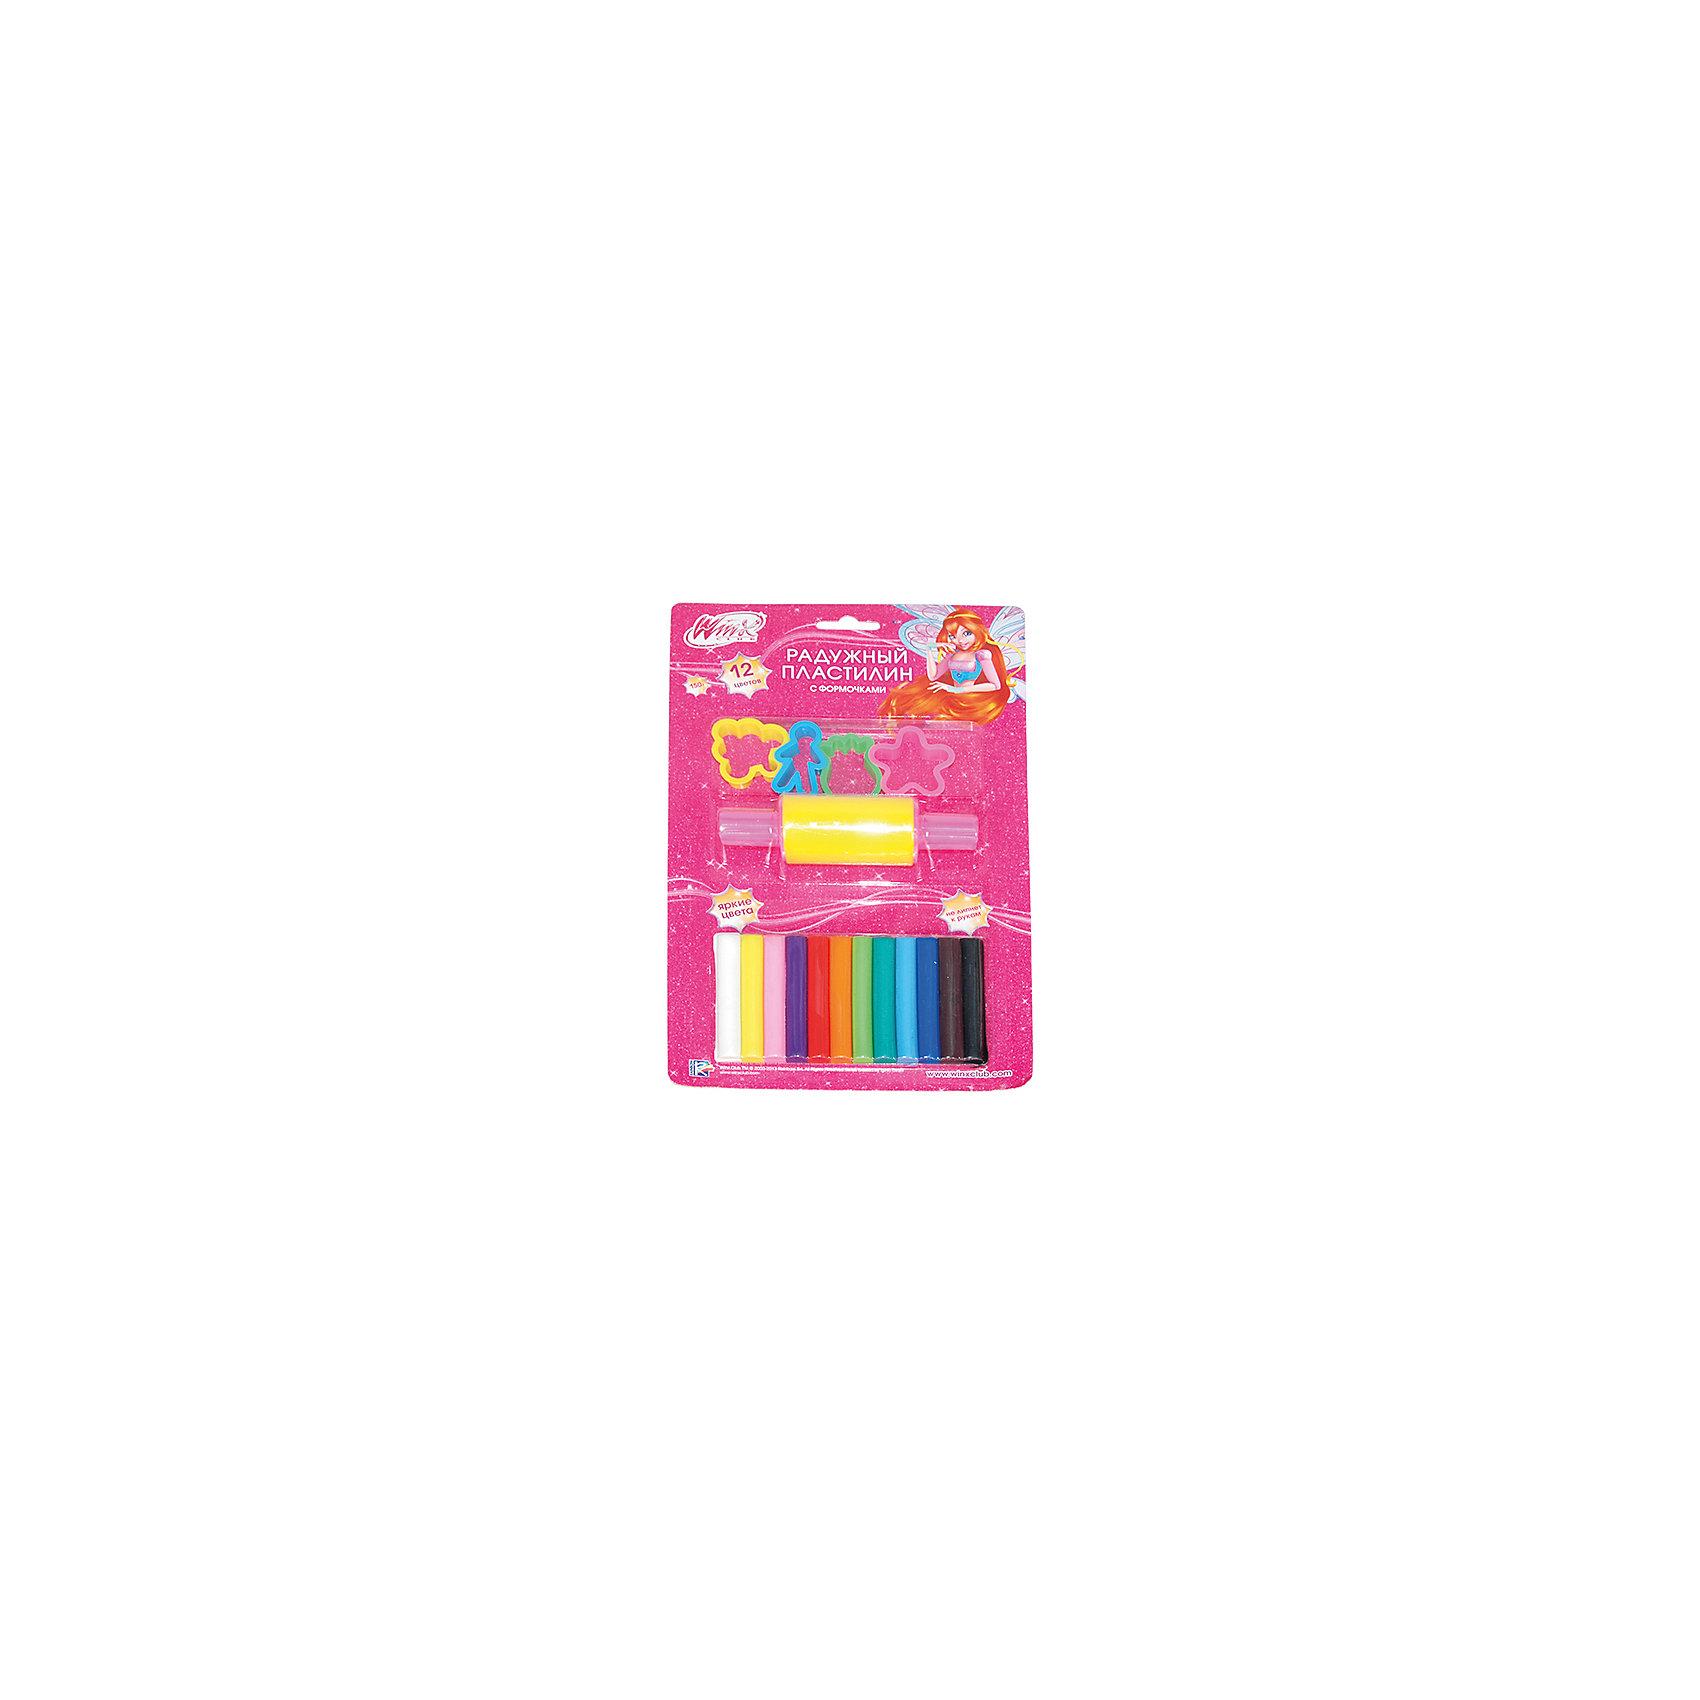 Играем вместе Пластилин с формочками, Winx Club, 12 цветов играем вместе пластилин в ведре тачки 7 цветов